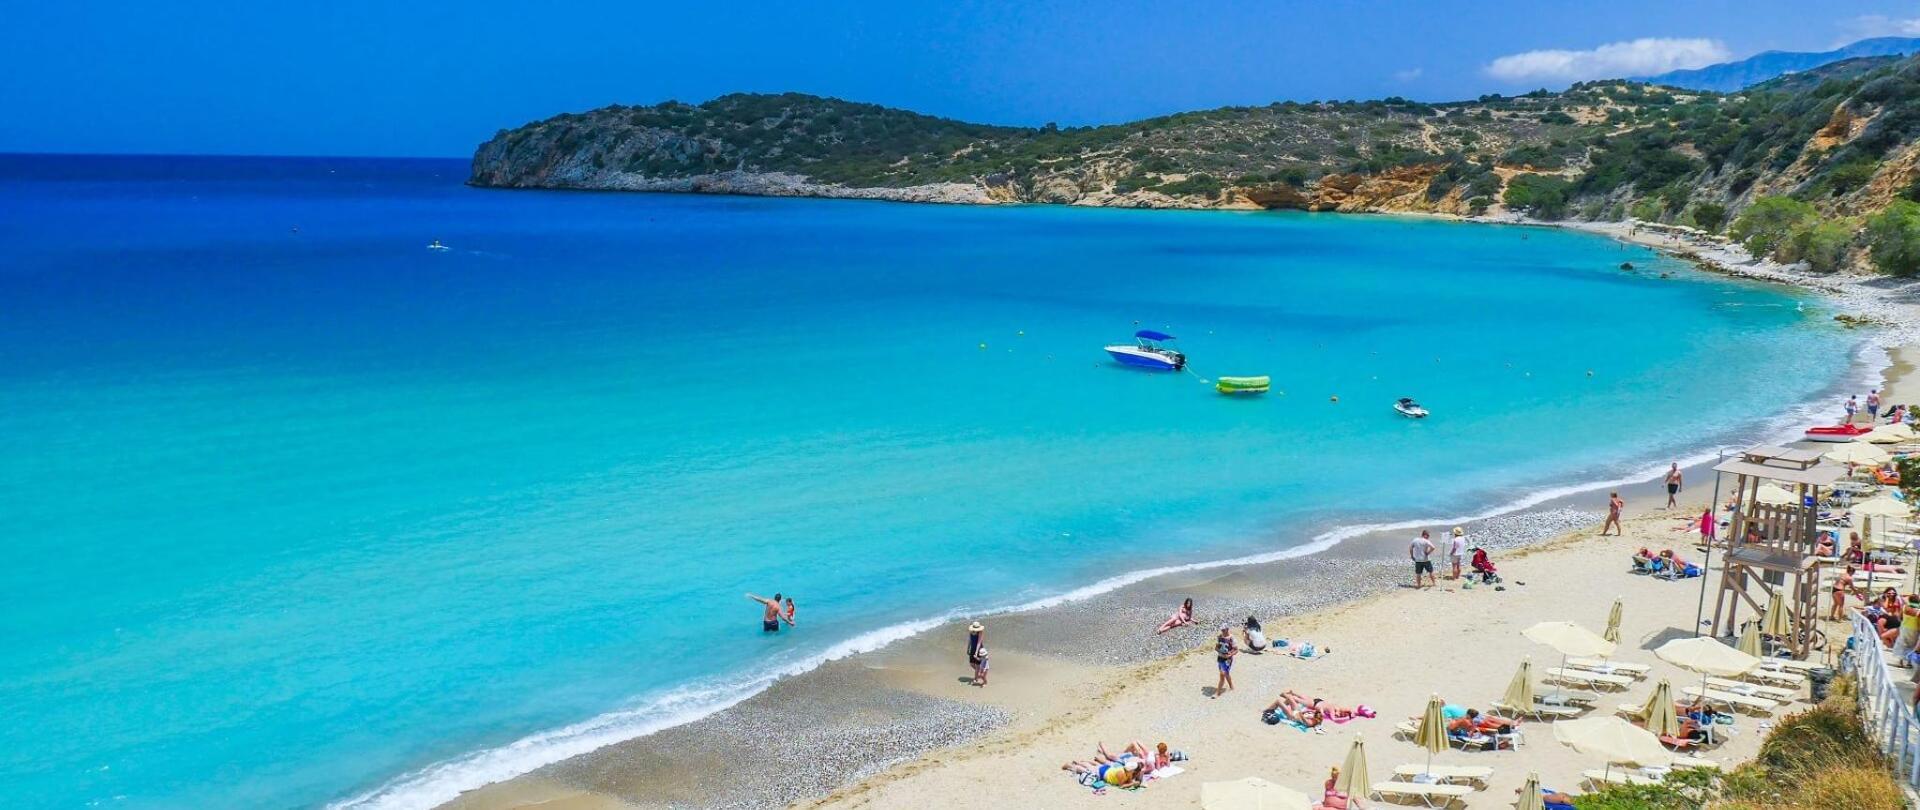 Voulisma-Strand-Agios-Nikolaos-Crete.jpg